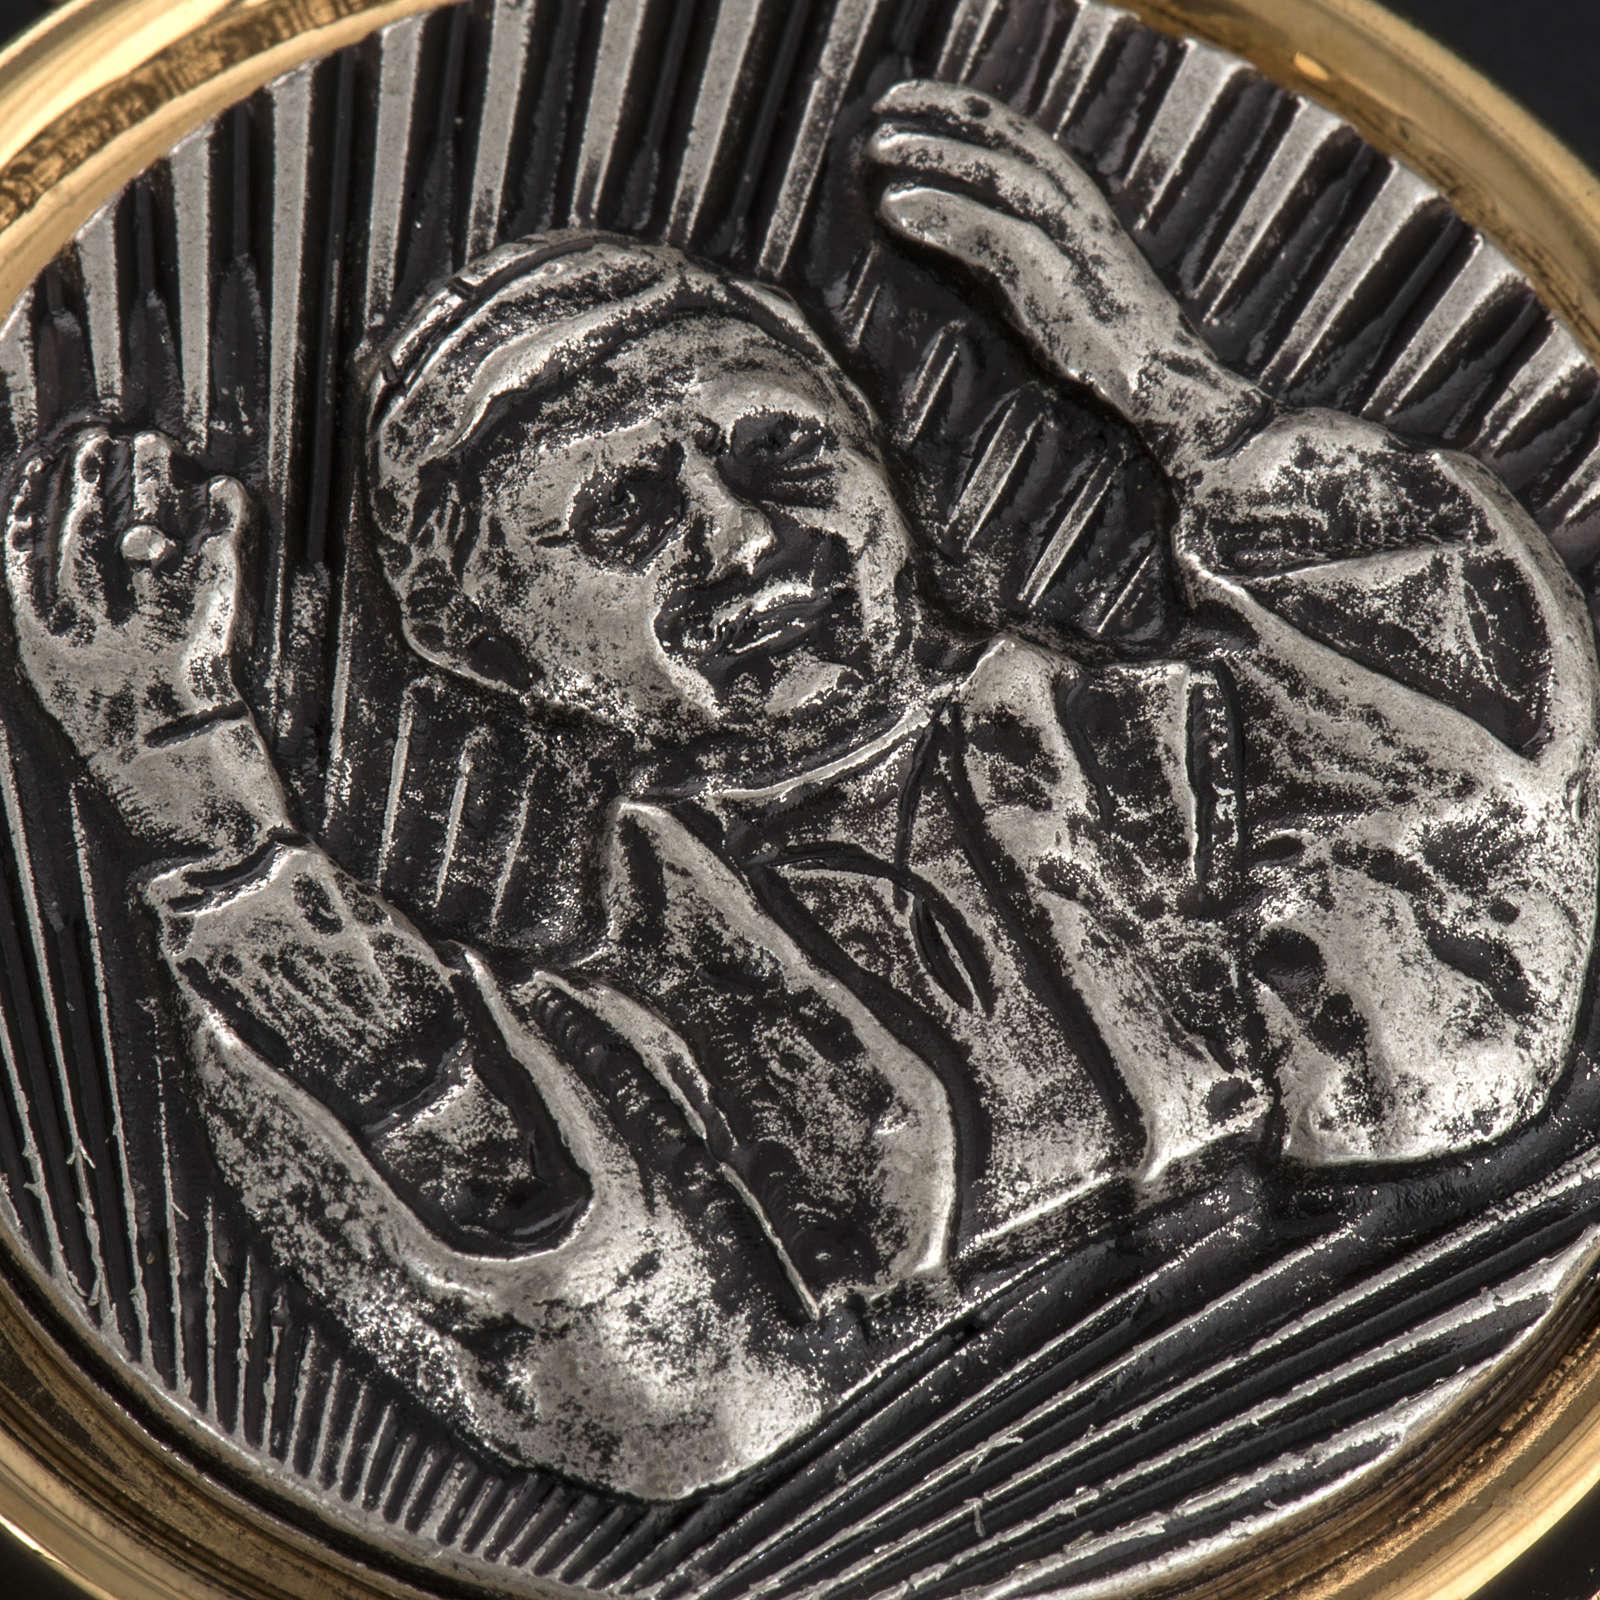 Pyx with Benedict XVI plate 3